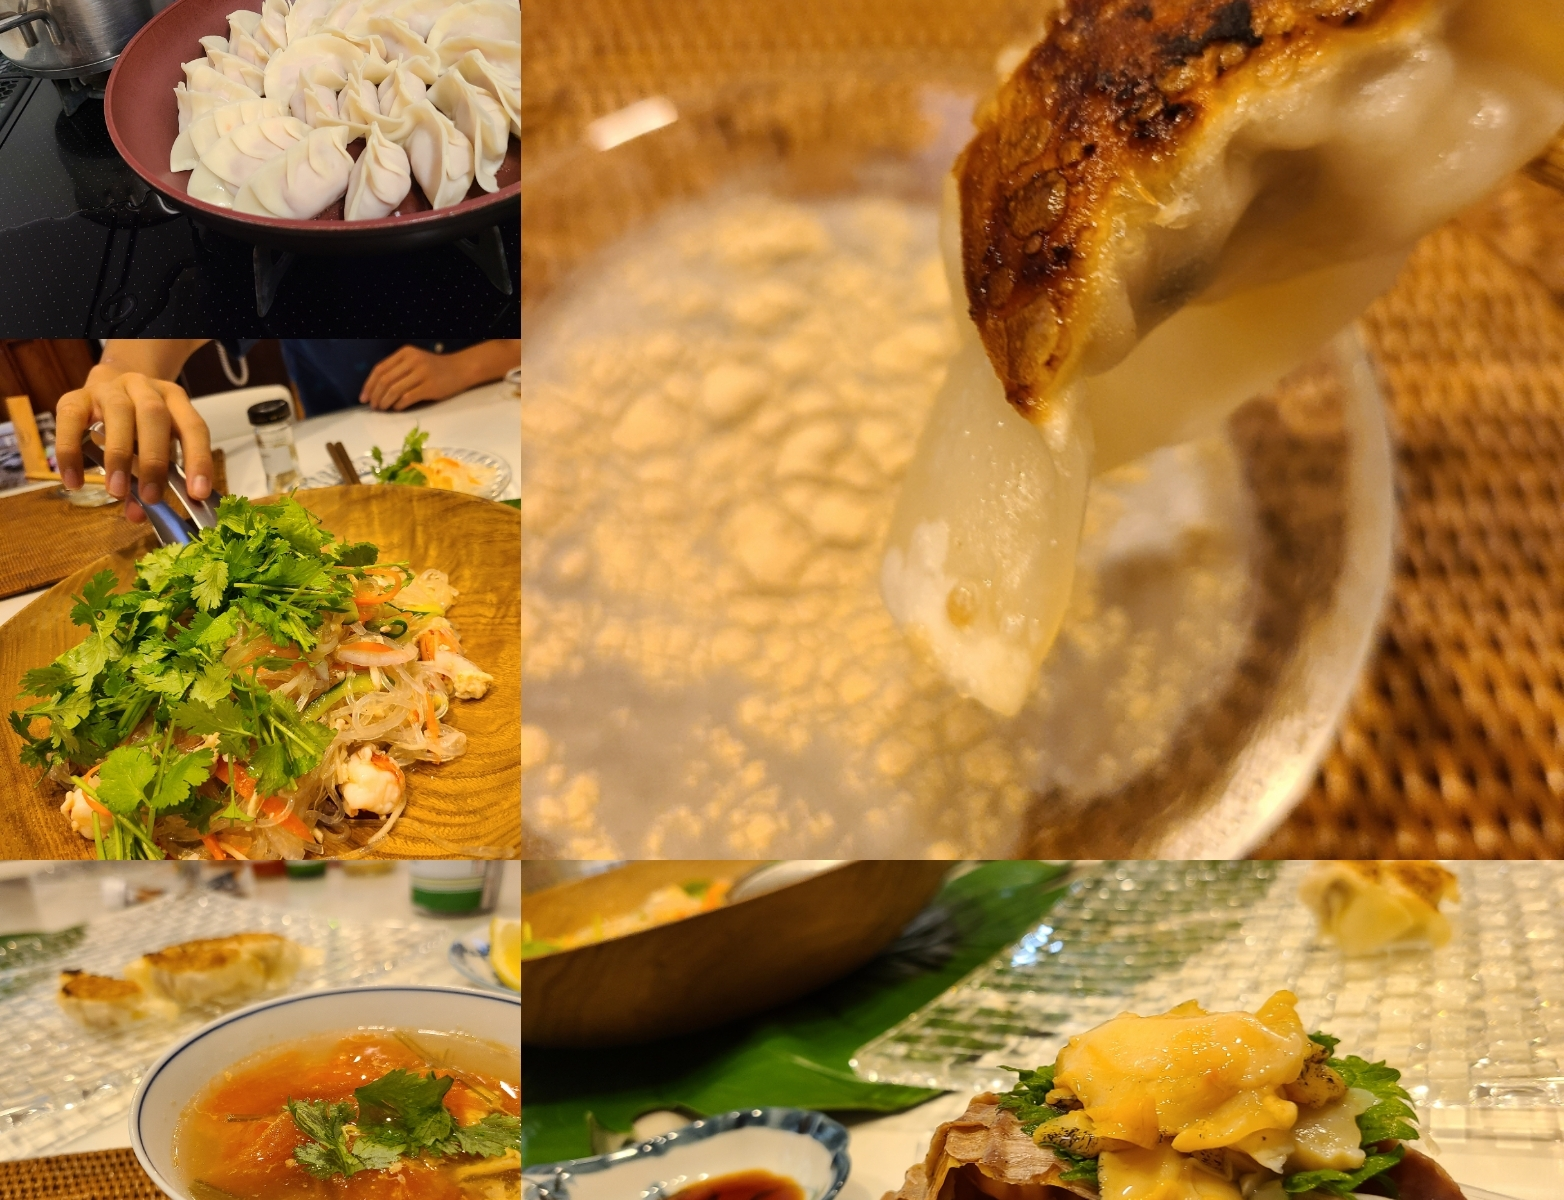 手作り餃子やスープ、サラダなどテーブルに並んでいます。